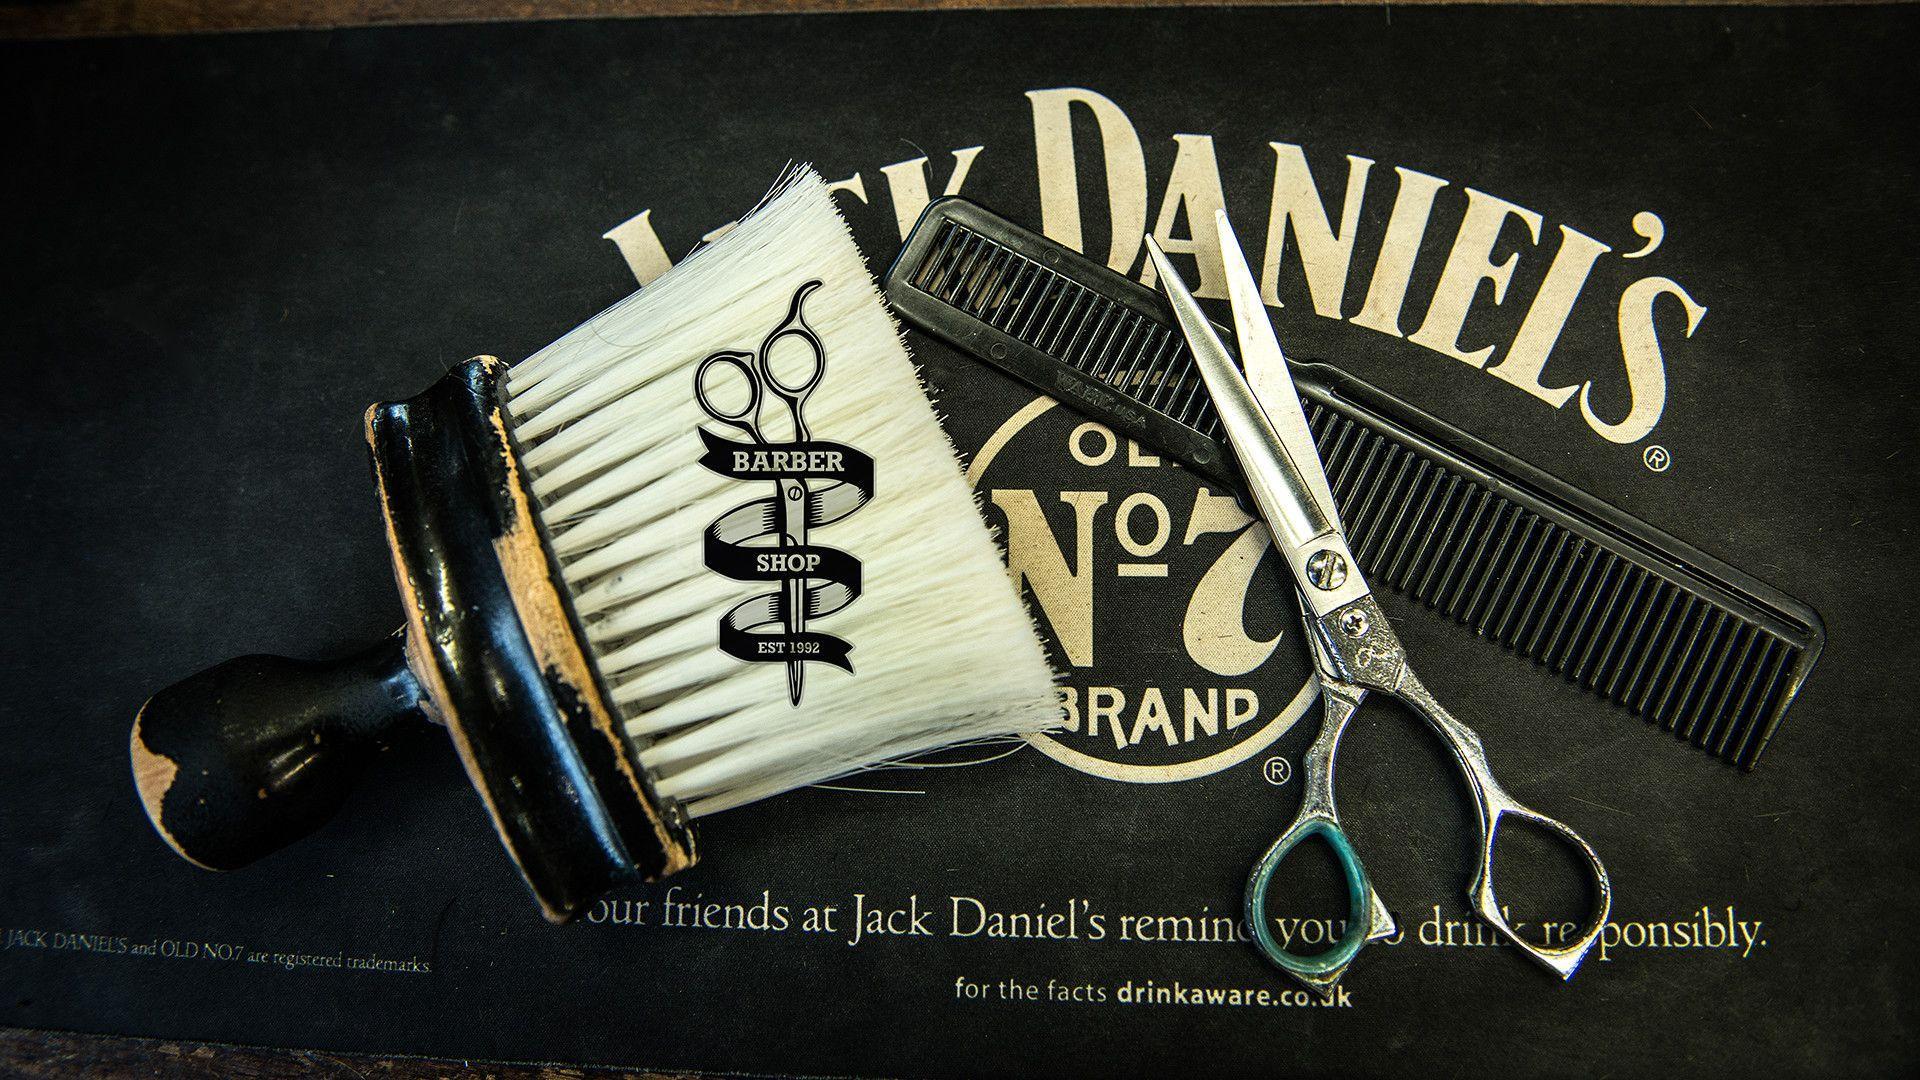 barber shop wallpaper uk labzada wallpaper